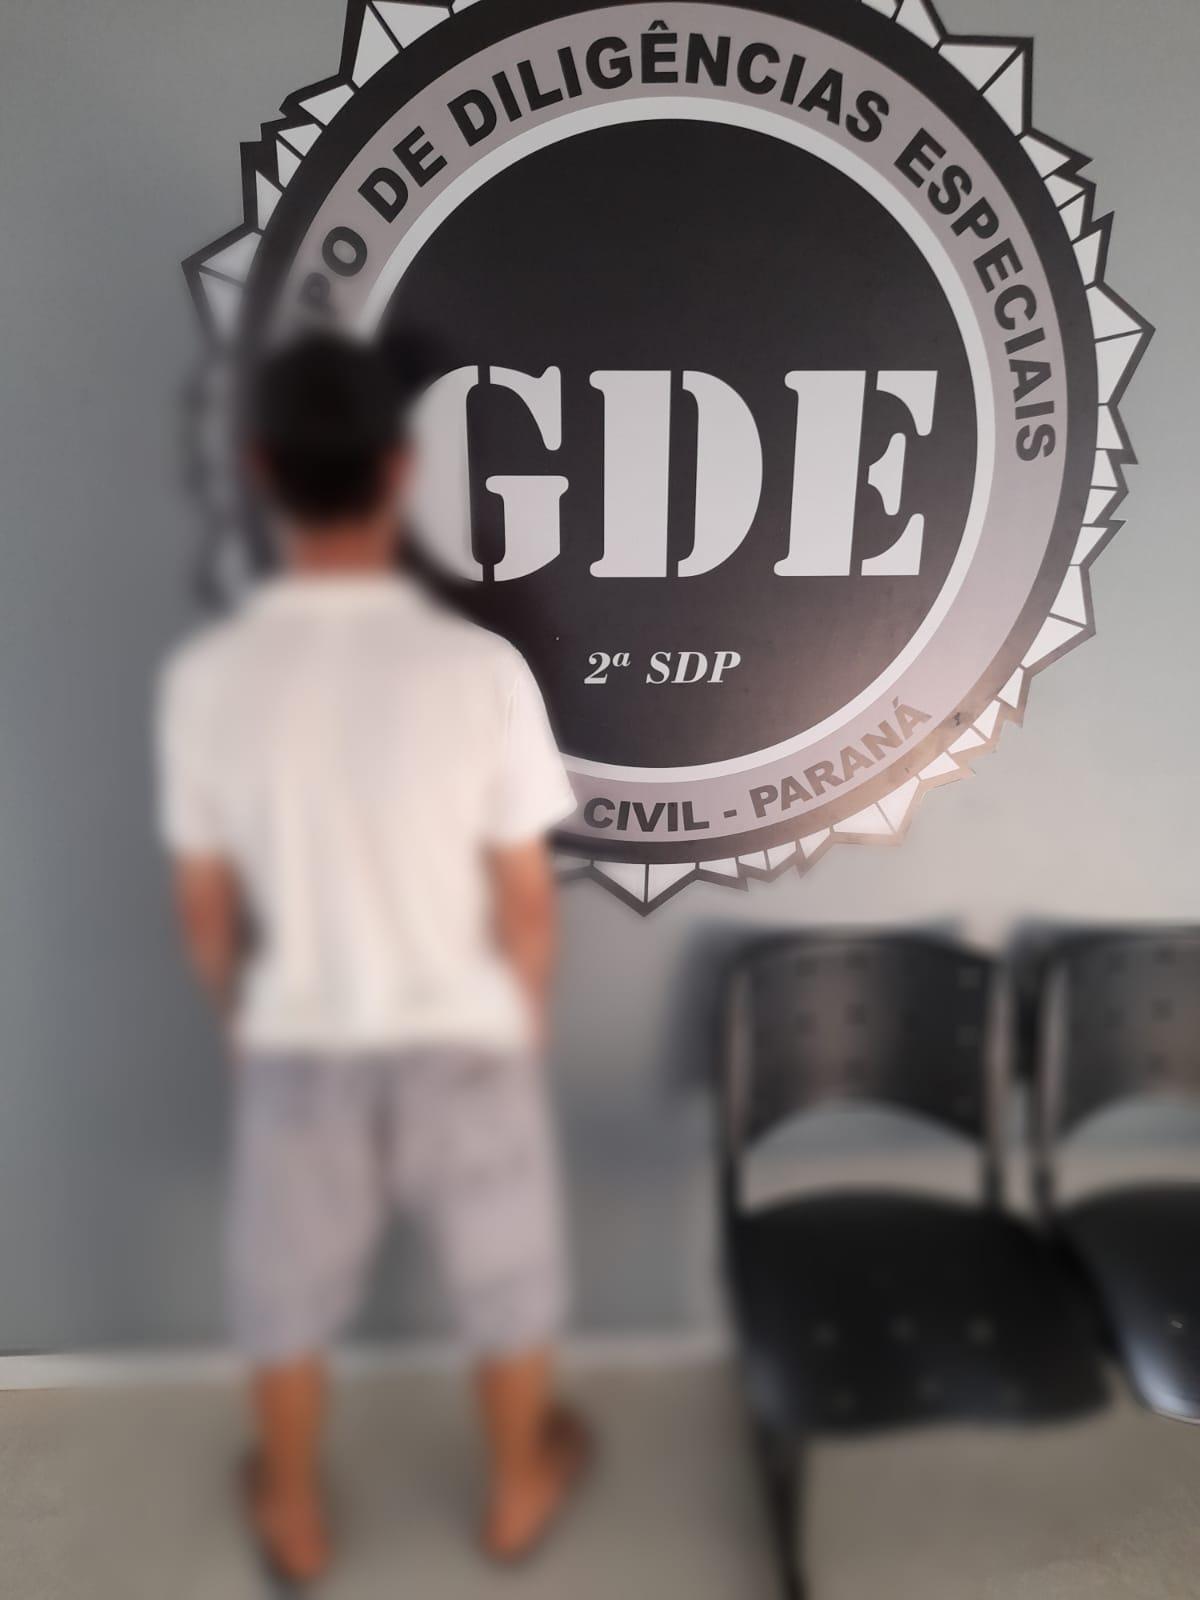 GDE prende individuo acusado de varios crimes em Laranjeiras do Sul